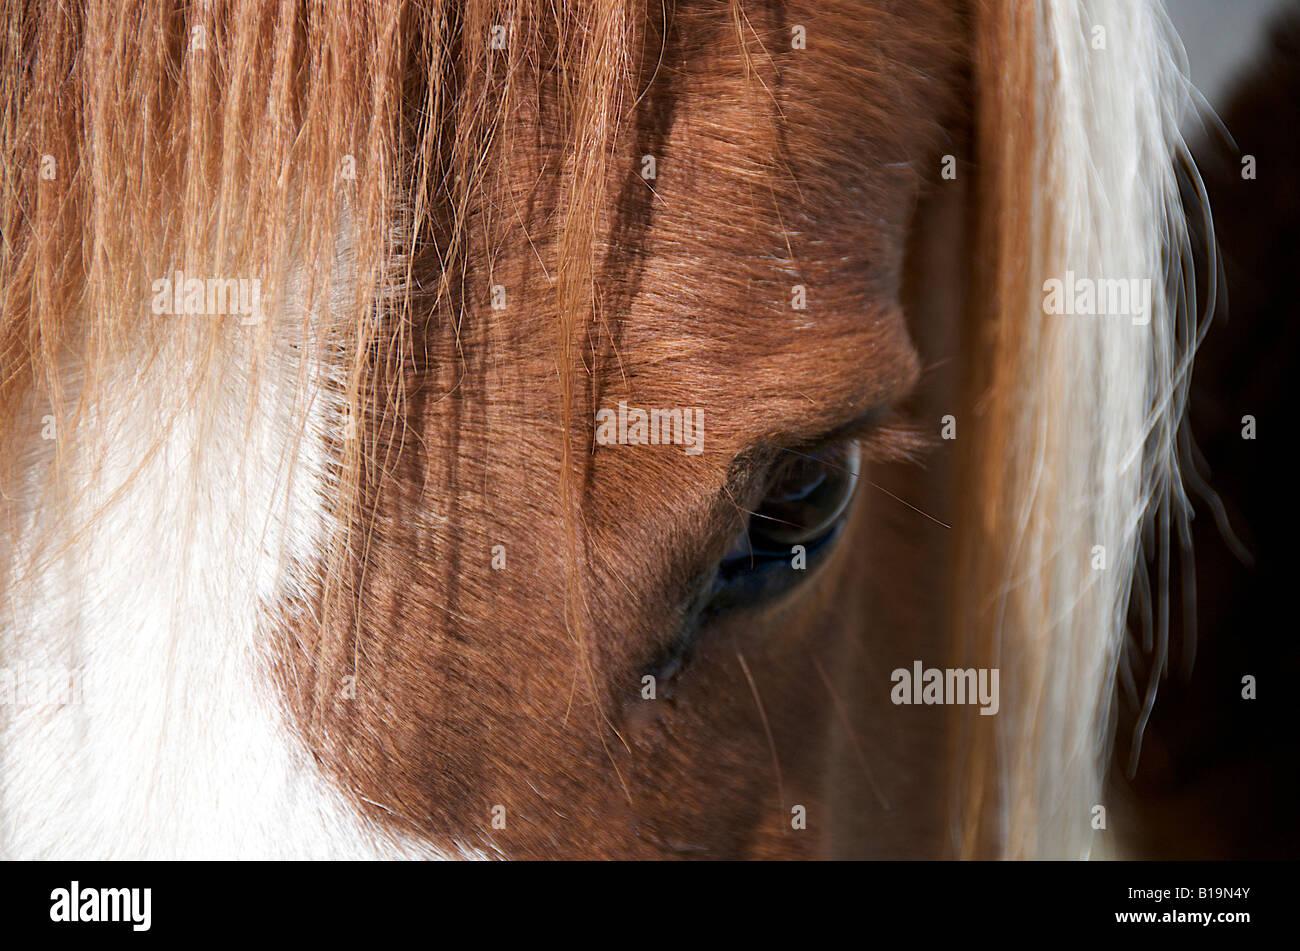 Ojo de un caballo de cerca Imagen De Stock